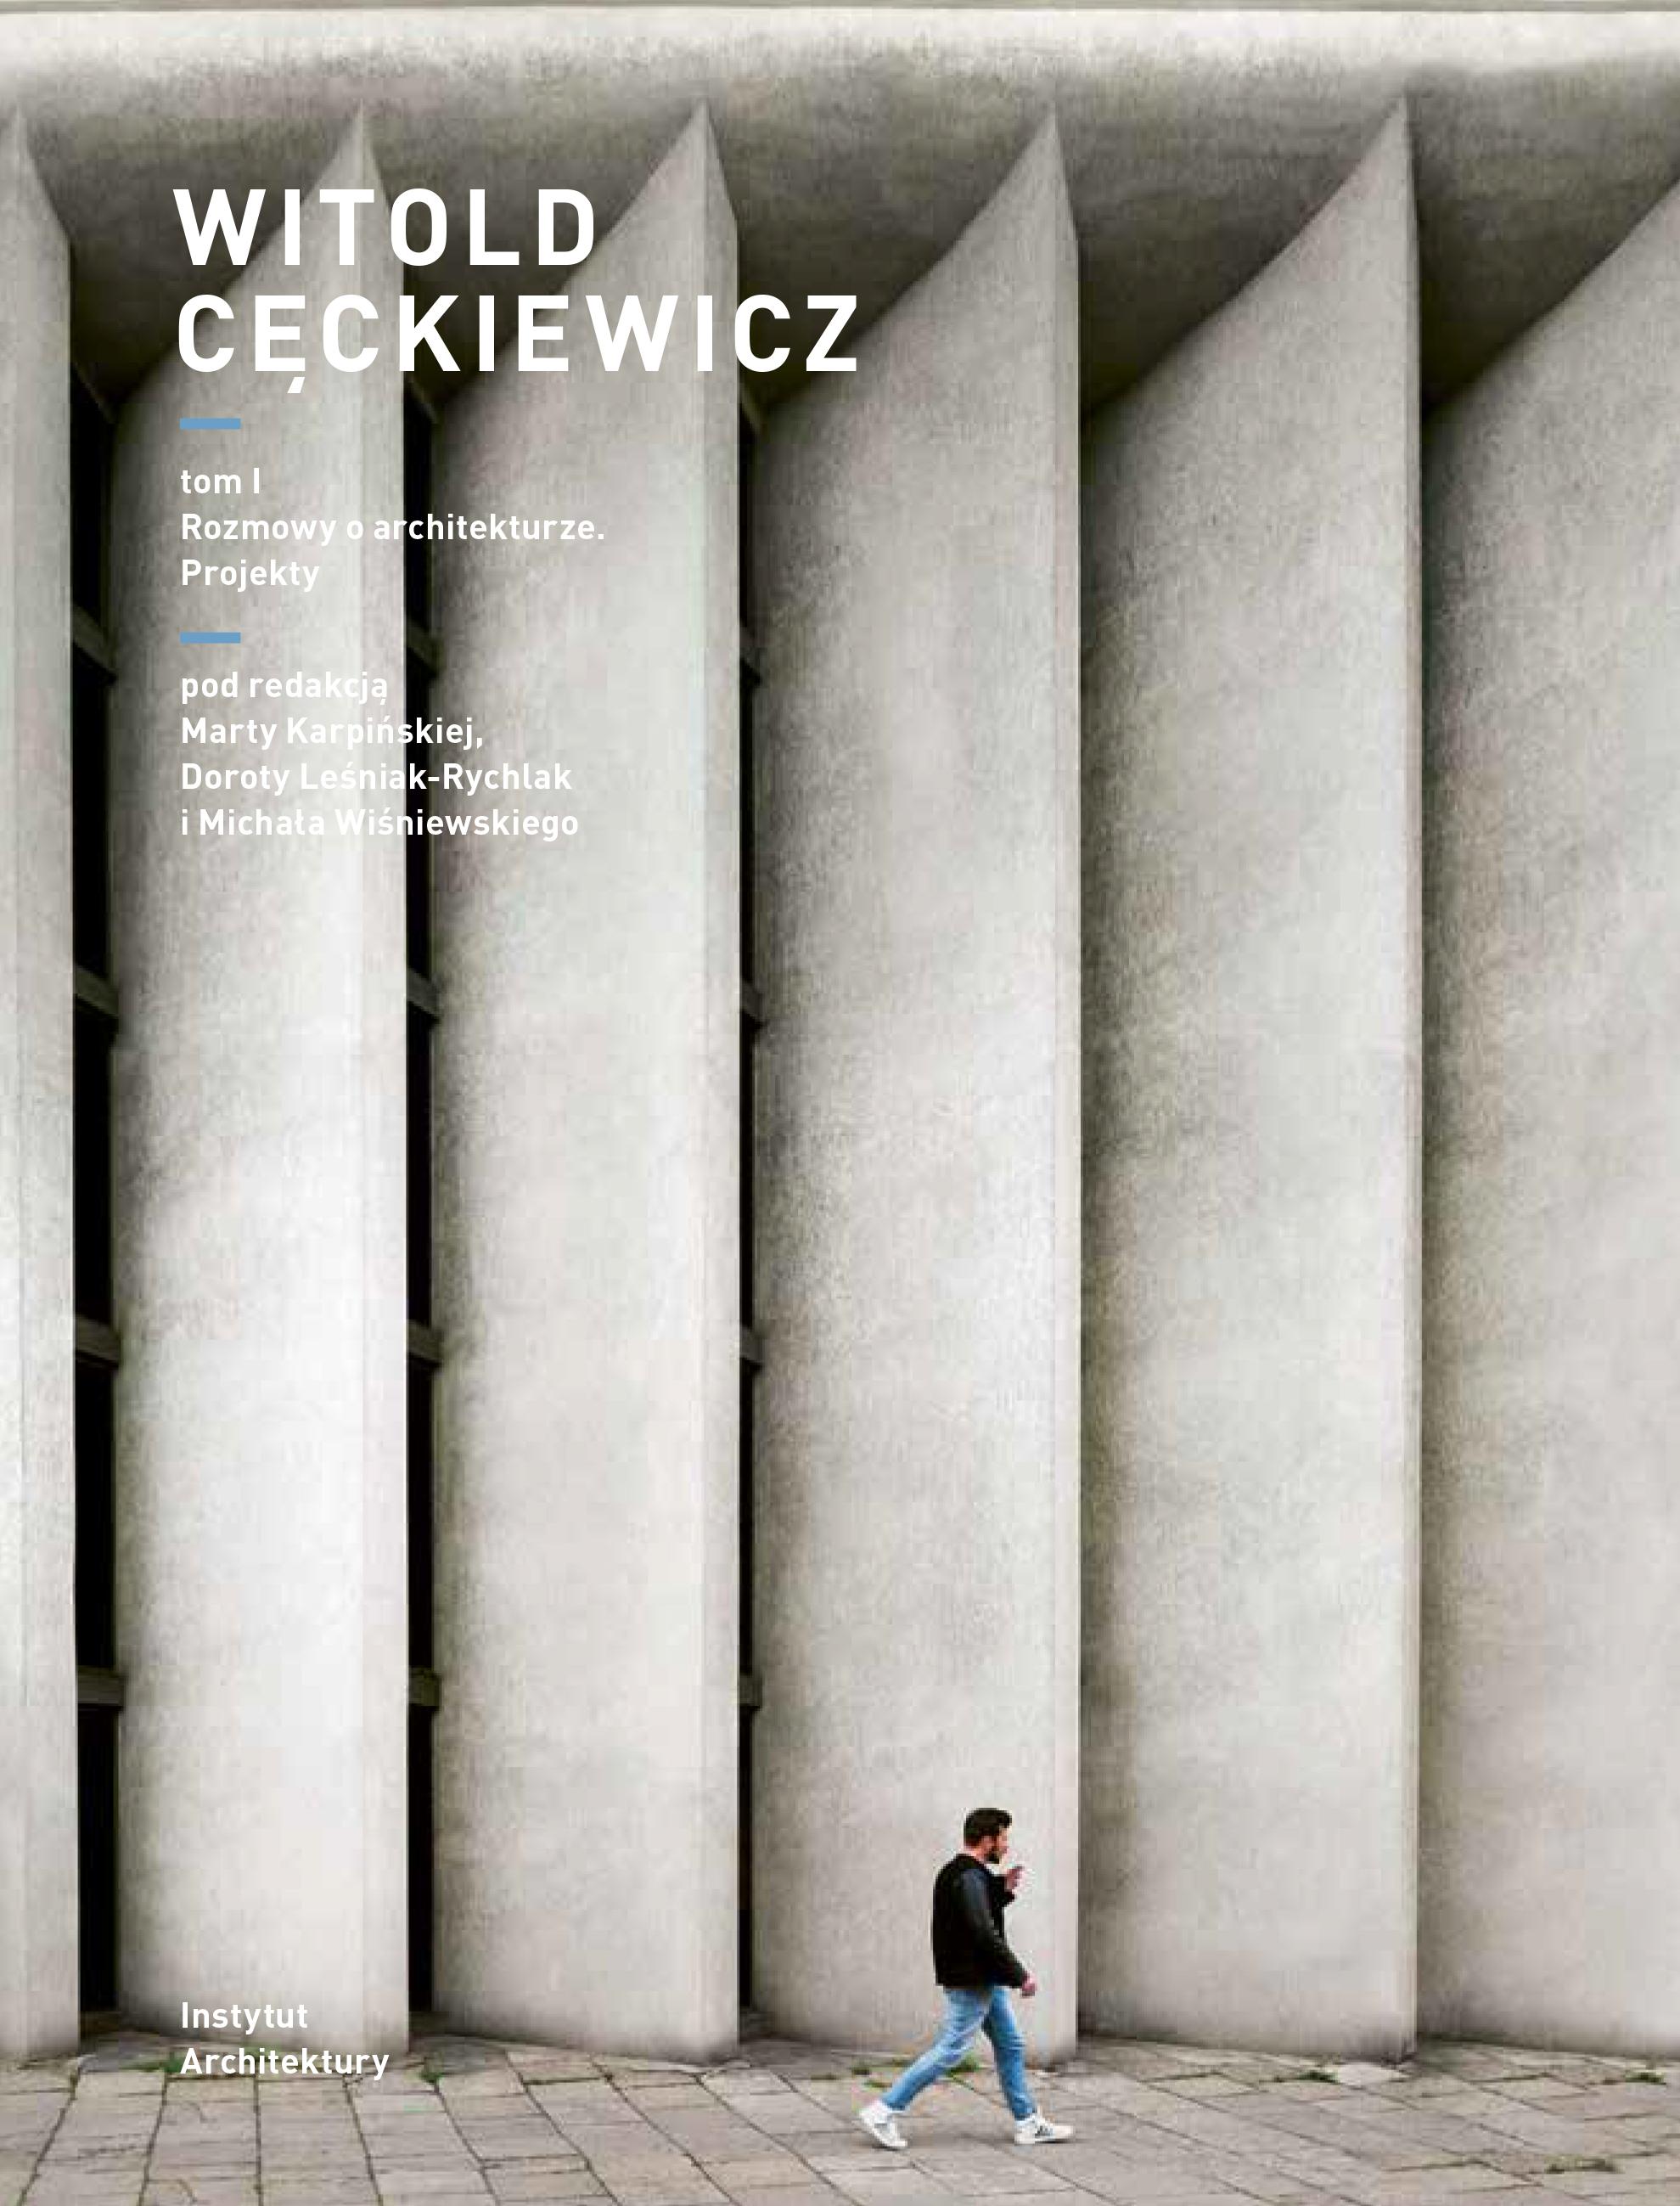 Cec_okladka_eseje-1